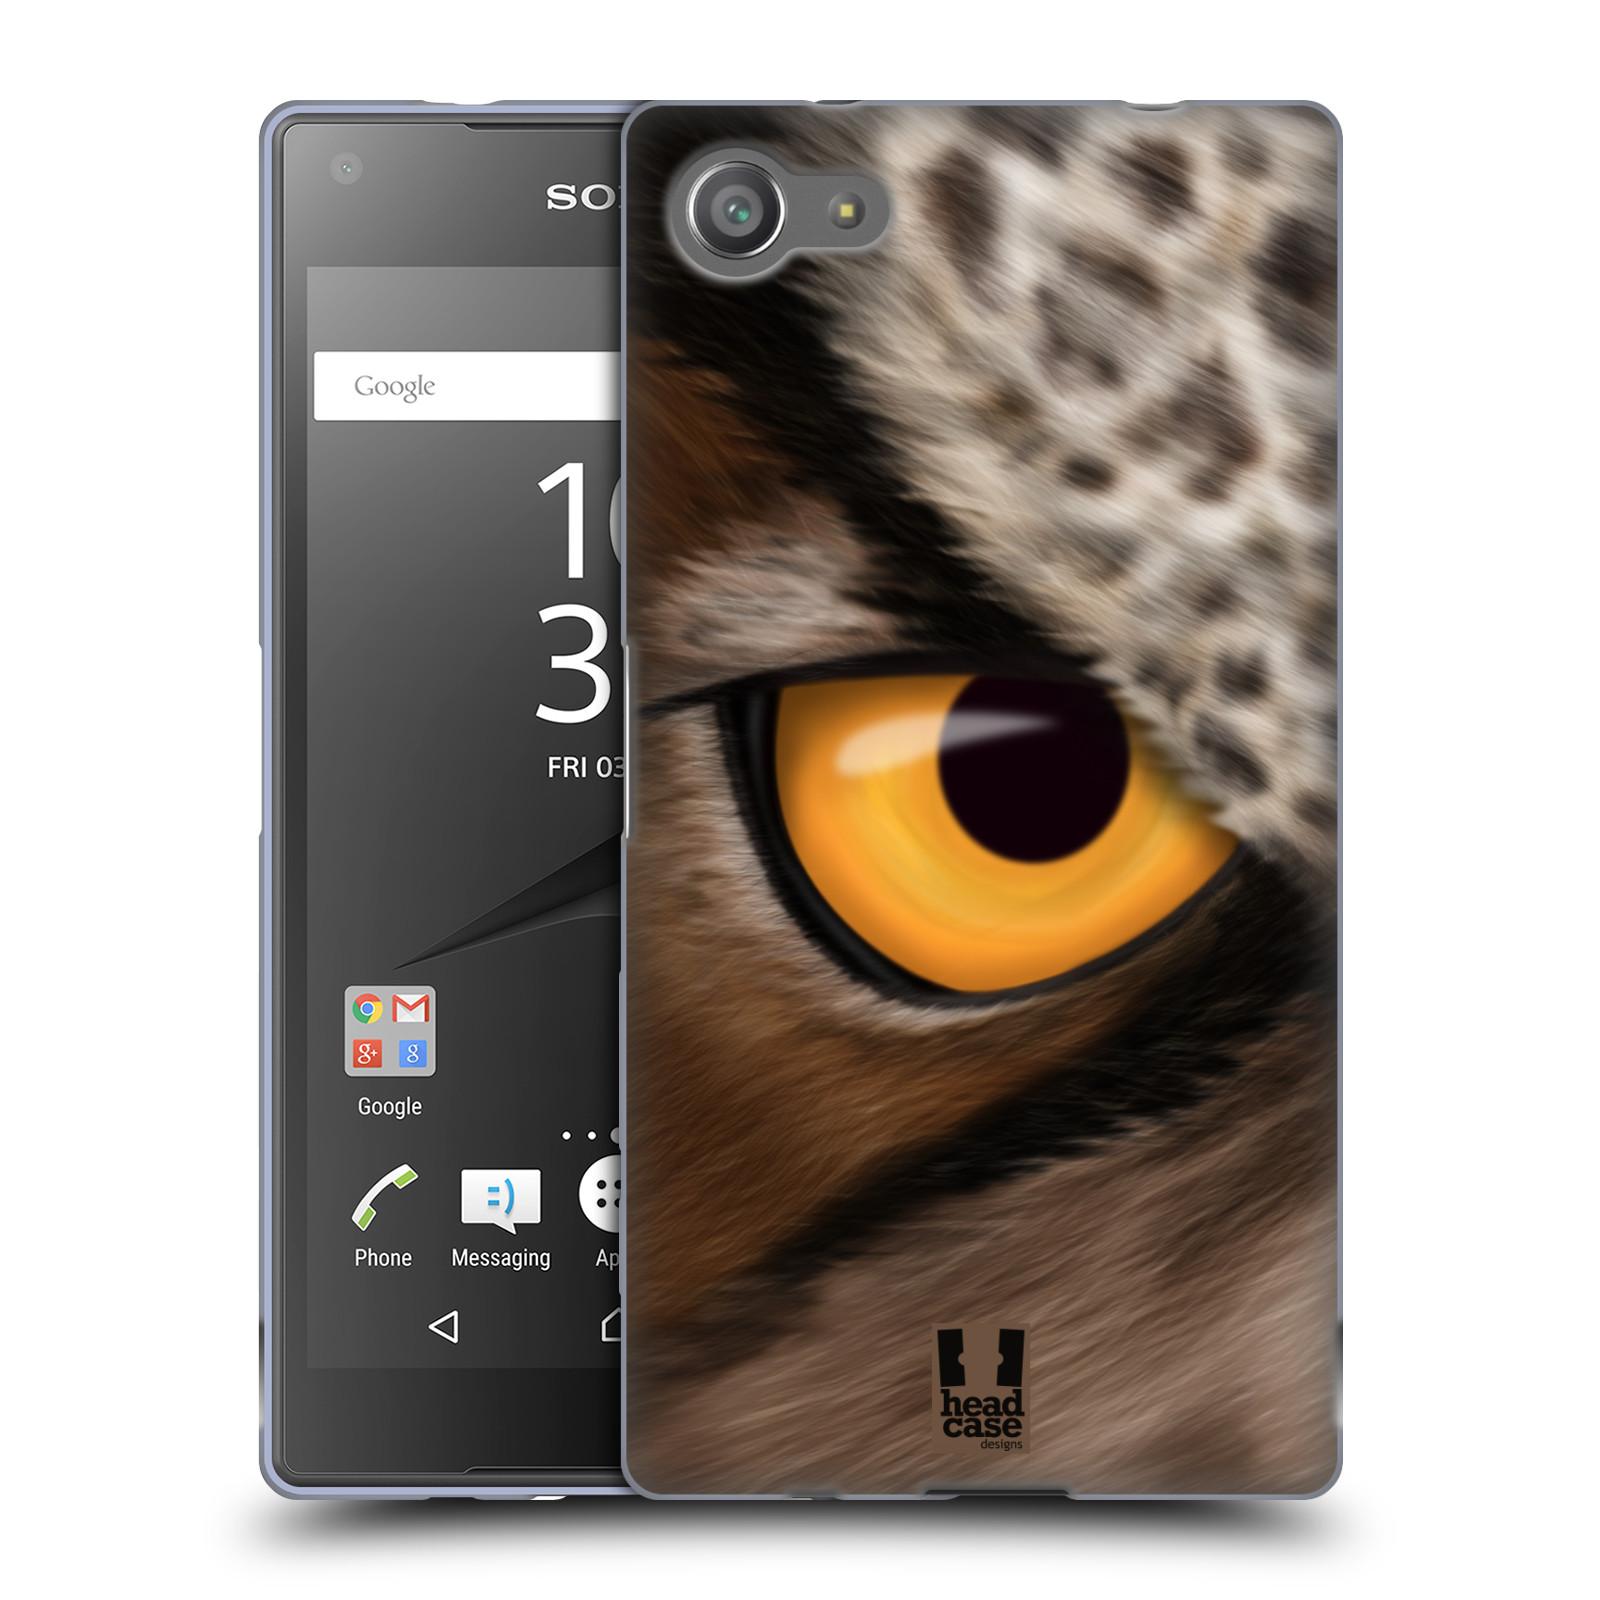 HEAD CASE silikonový obal na mobil Sony Xperia Z5 COMPACT vzor pohled zvířete oko sova